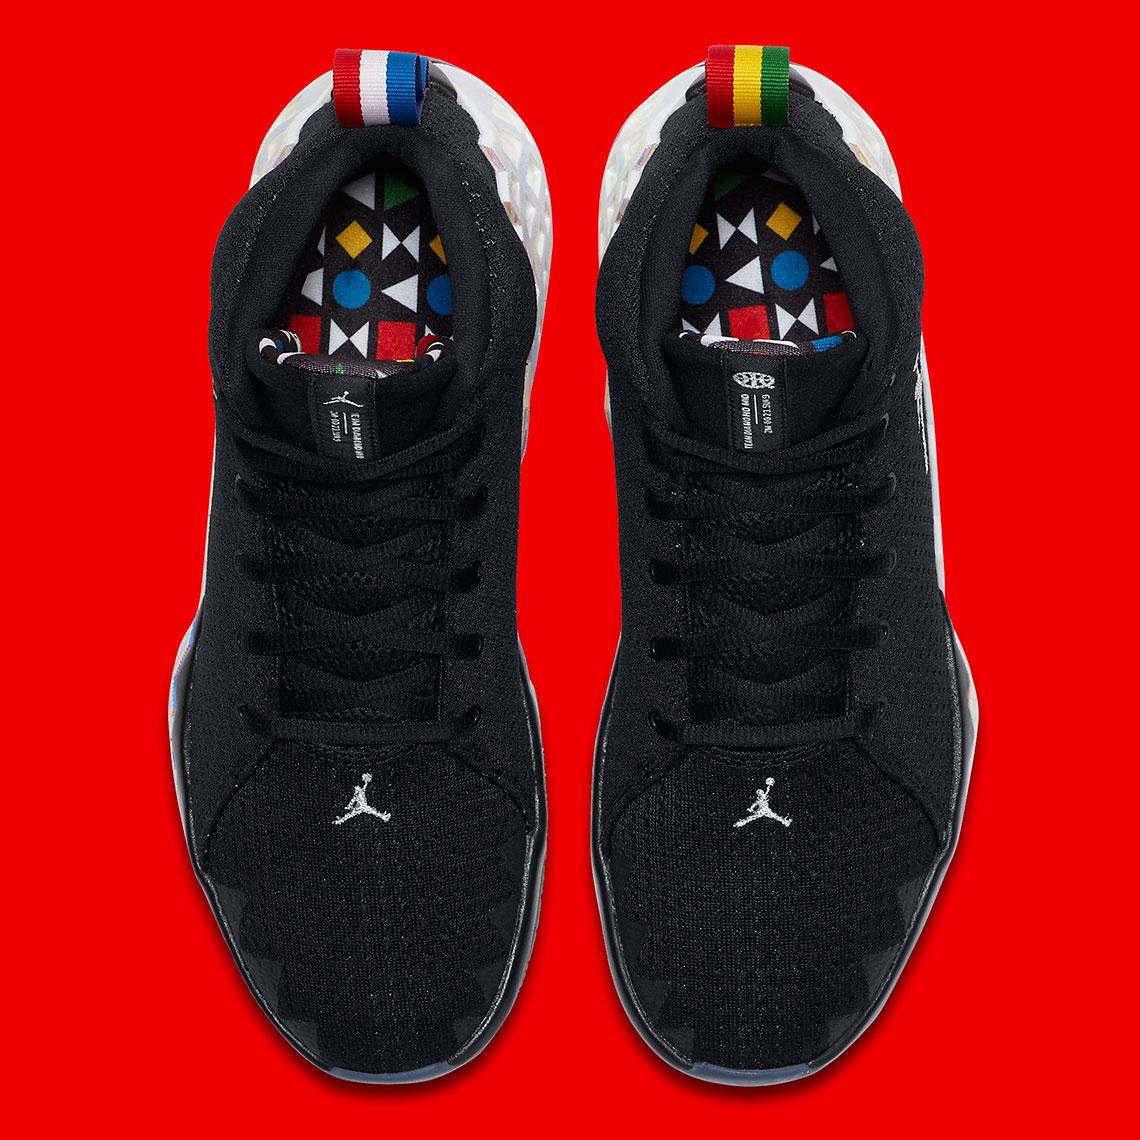 7ec14d2b Jordan Jumpman Diamond Mid Quai 54 CJ9692-001 | SneakerNews.com